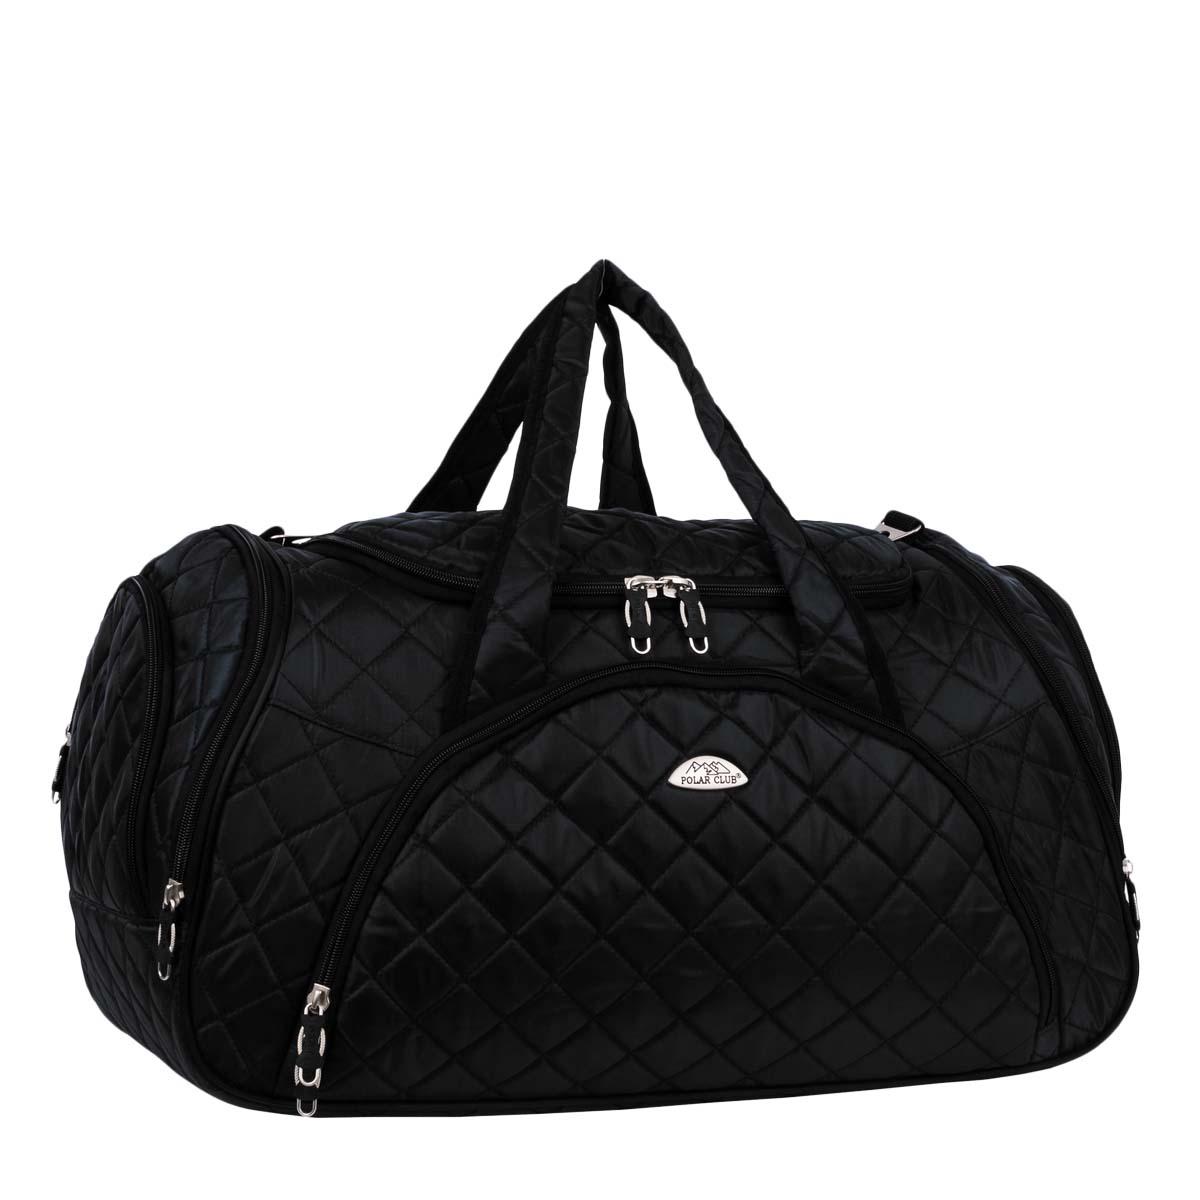 Сумка дорожная Polar, 57 л, цвет: черный. 7035.17035.1Дорожная сумка Polar. Имеет одно вместительное отделение для крупных предметов и вещей, которое закрывается на молнию. Спереди и по бокам сумки расположены карманы на молнии для средних и мелких предметов. В комплект входит плечевой ремень и замочек с ключом. Хороший вариант для поездок на несколько дней и командировок.